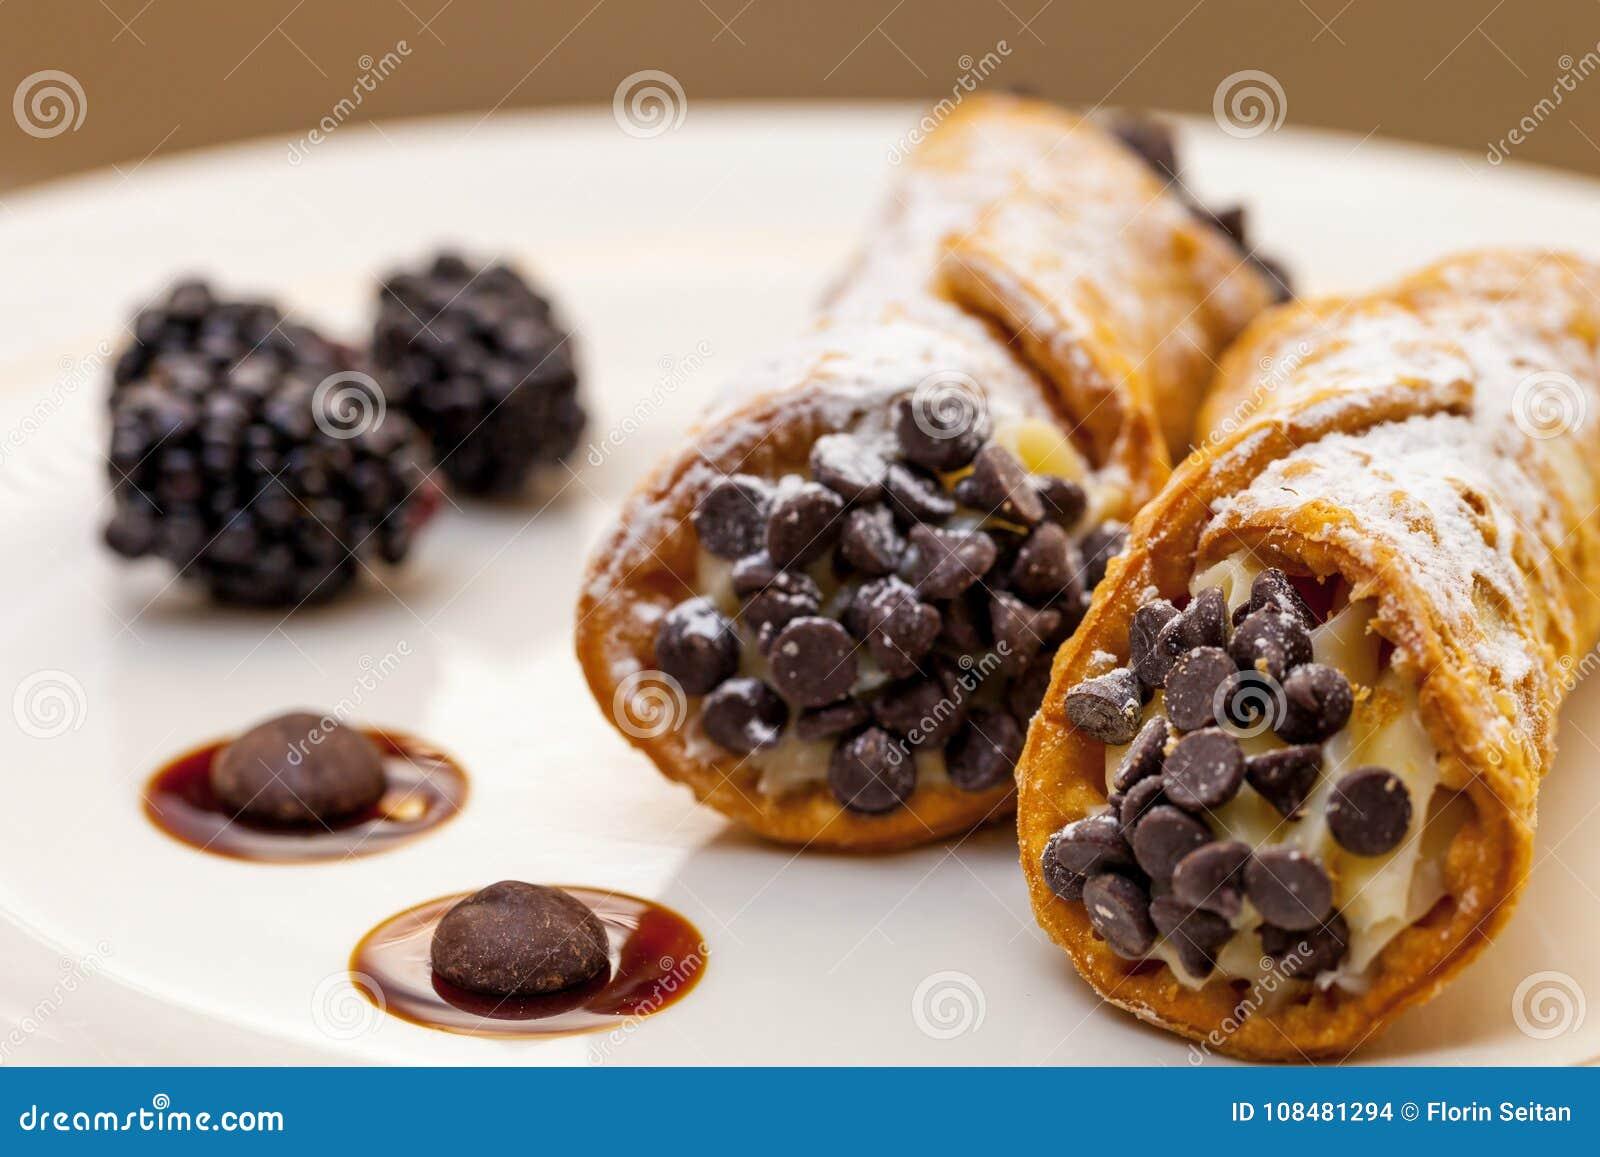 Cannoli italiano na placa branca com amoras-pretas e pedaços de chocolate